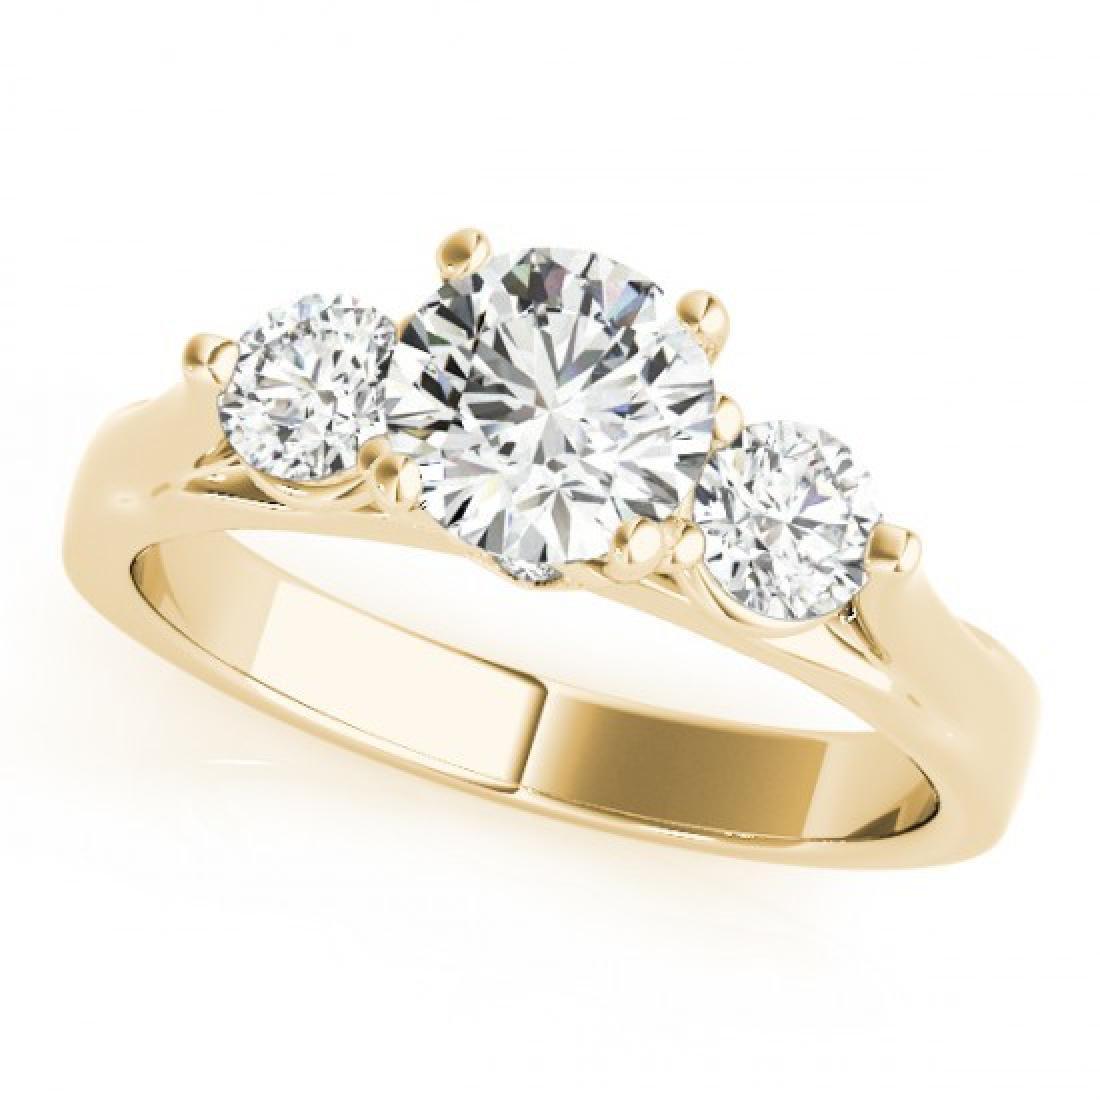 1.25 CTW Certified VS/SI Diamond 3 Stone Ring 14K